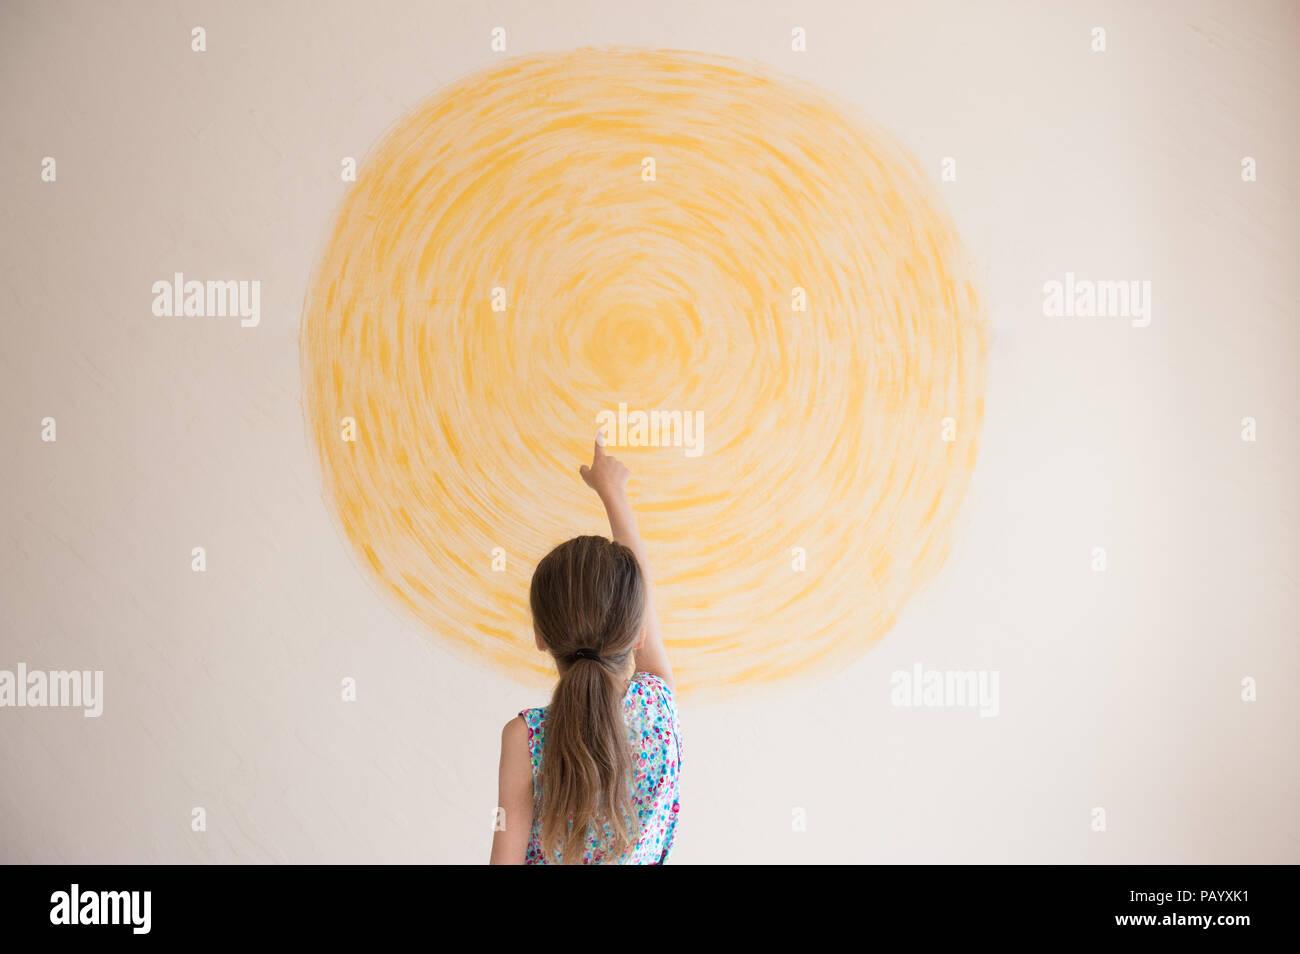 Bambina puntare il dito a giallo sole dipinta sulla parete per interni Immagini Stock